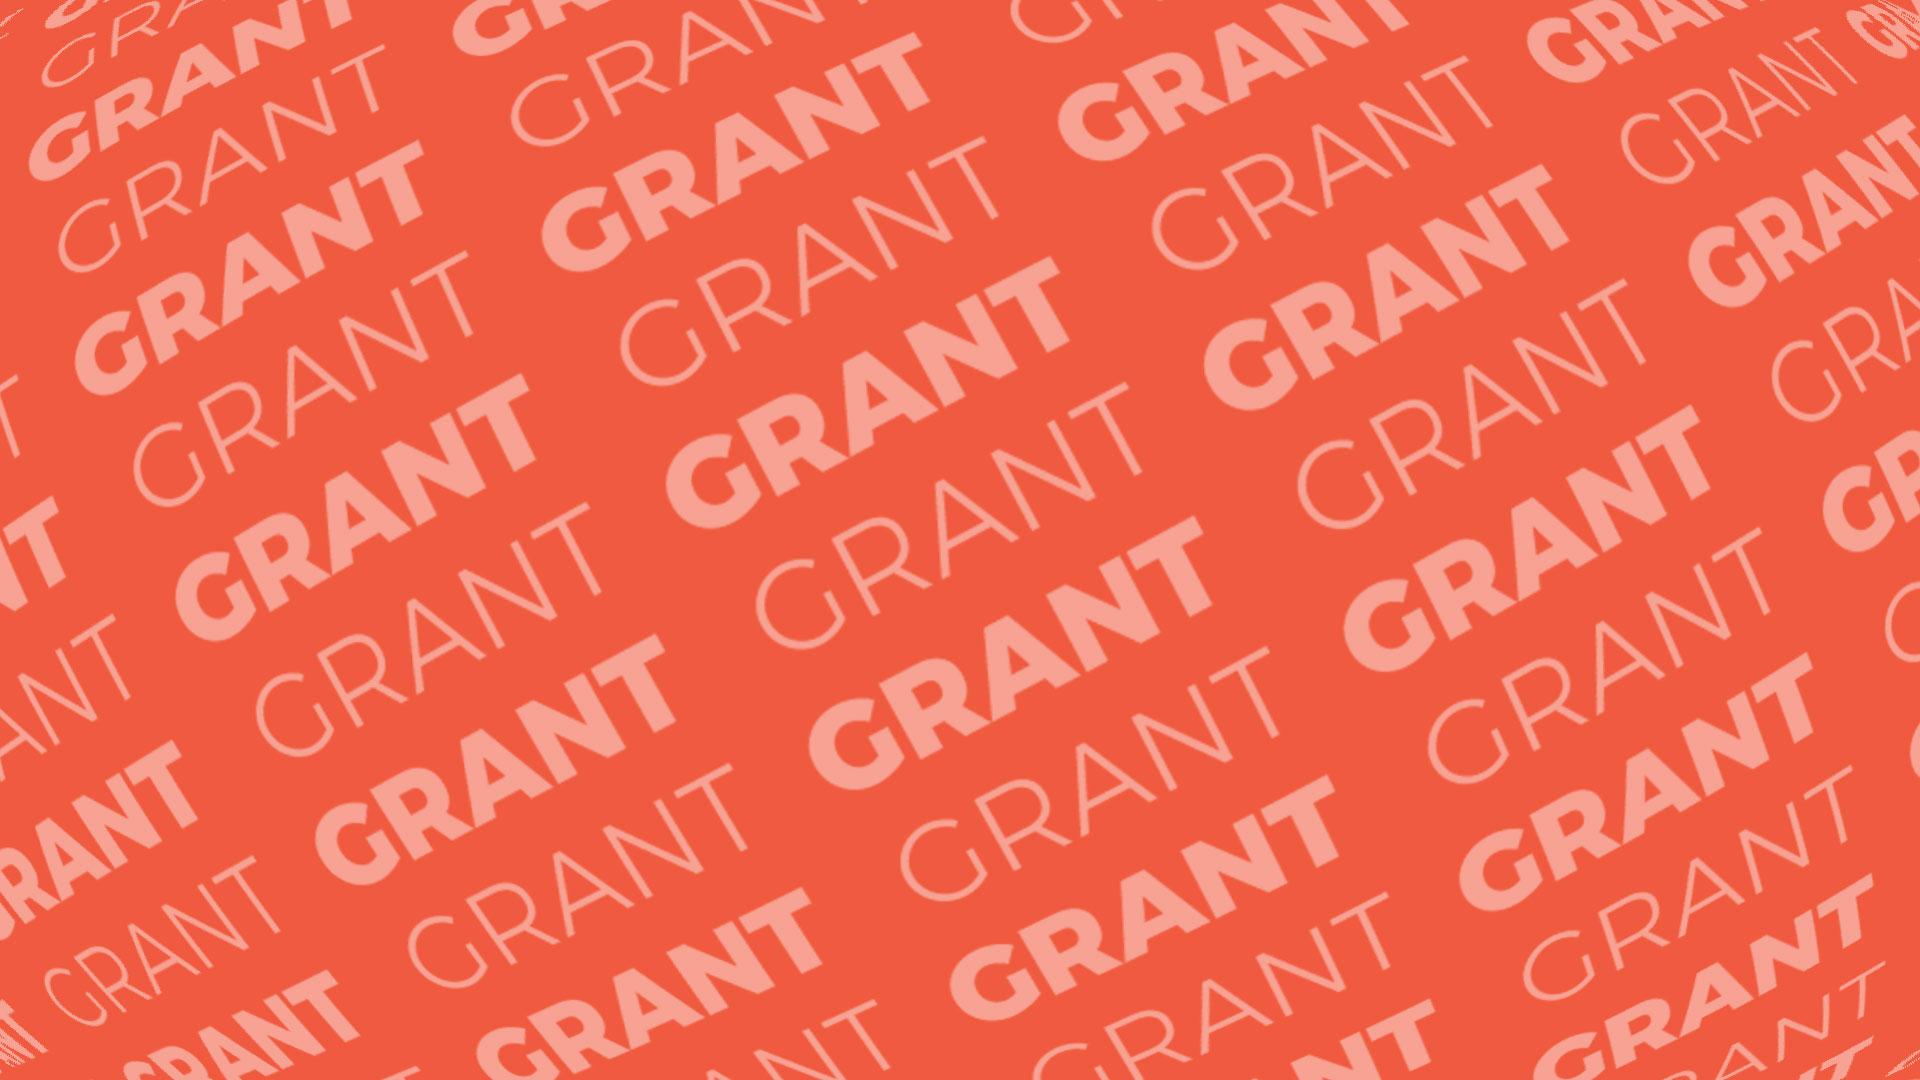 """GRANT: """"Edukacja włączająca orazpraca zuczniem zespecjalnymi potrzebami edukacyjnymi, uwarunkowania środowiskowe iich wpływ nafunkcjonowanie ucznia wszkole""""(G/20)"""